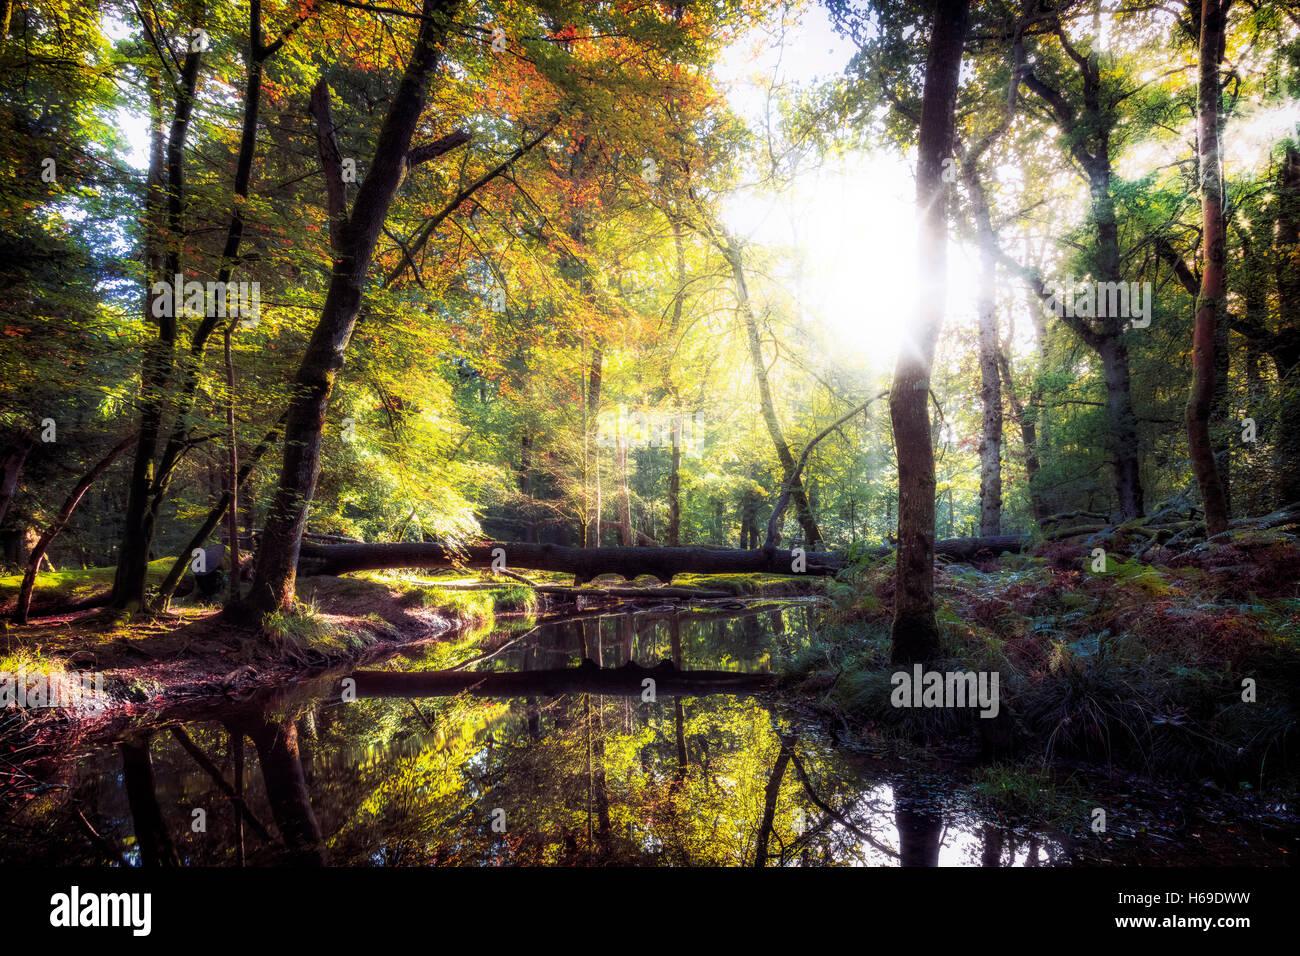 Blackwater, New Forest, Hampshire, England, UK - Stock Image